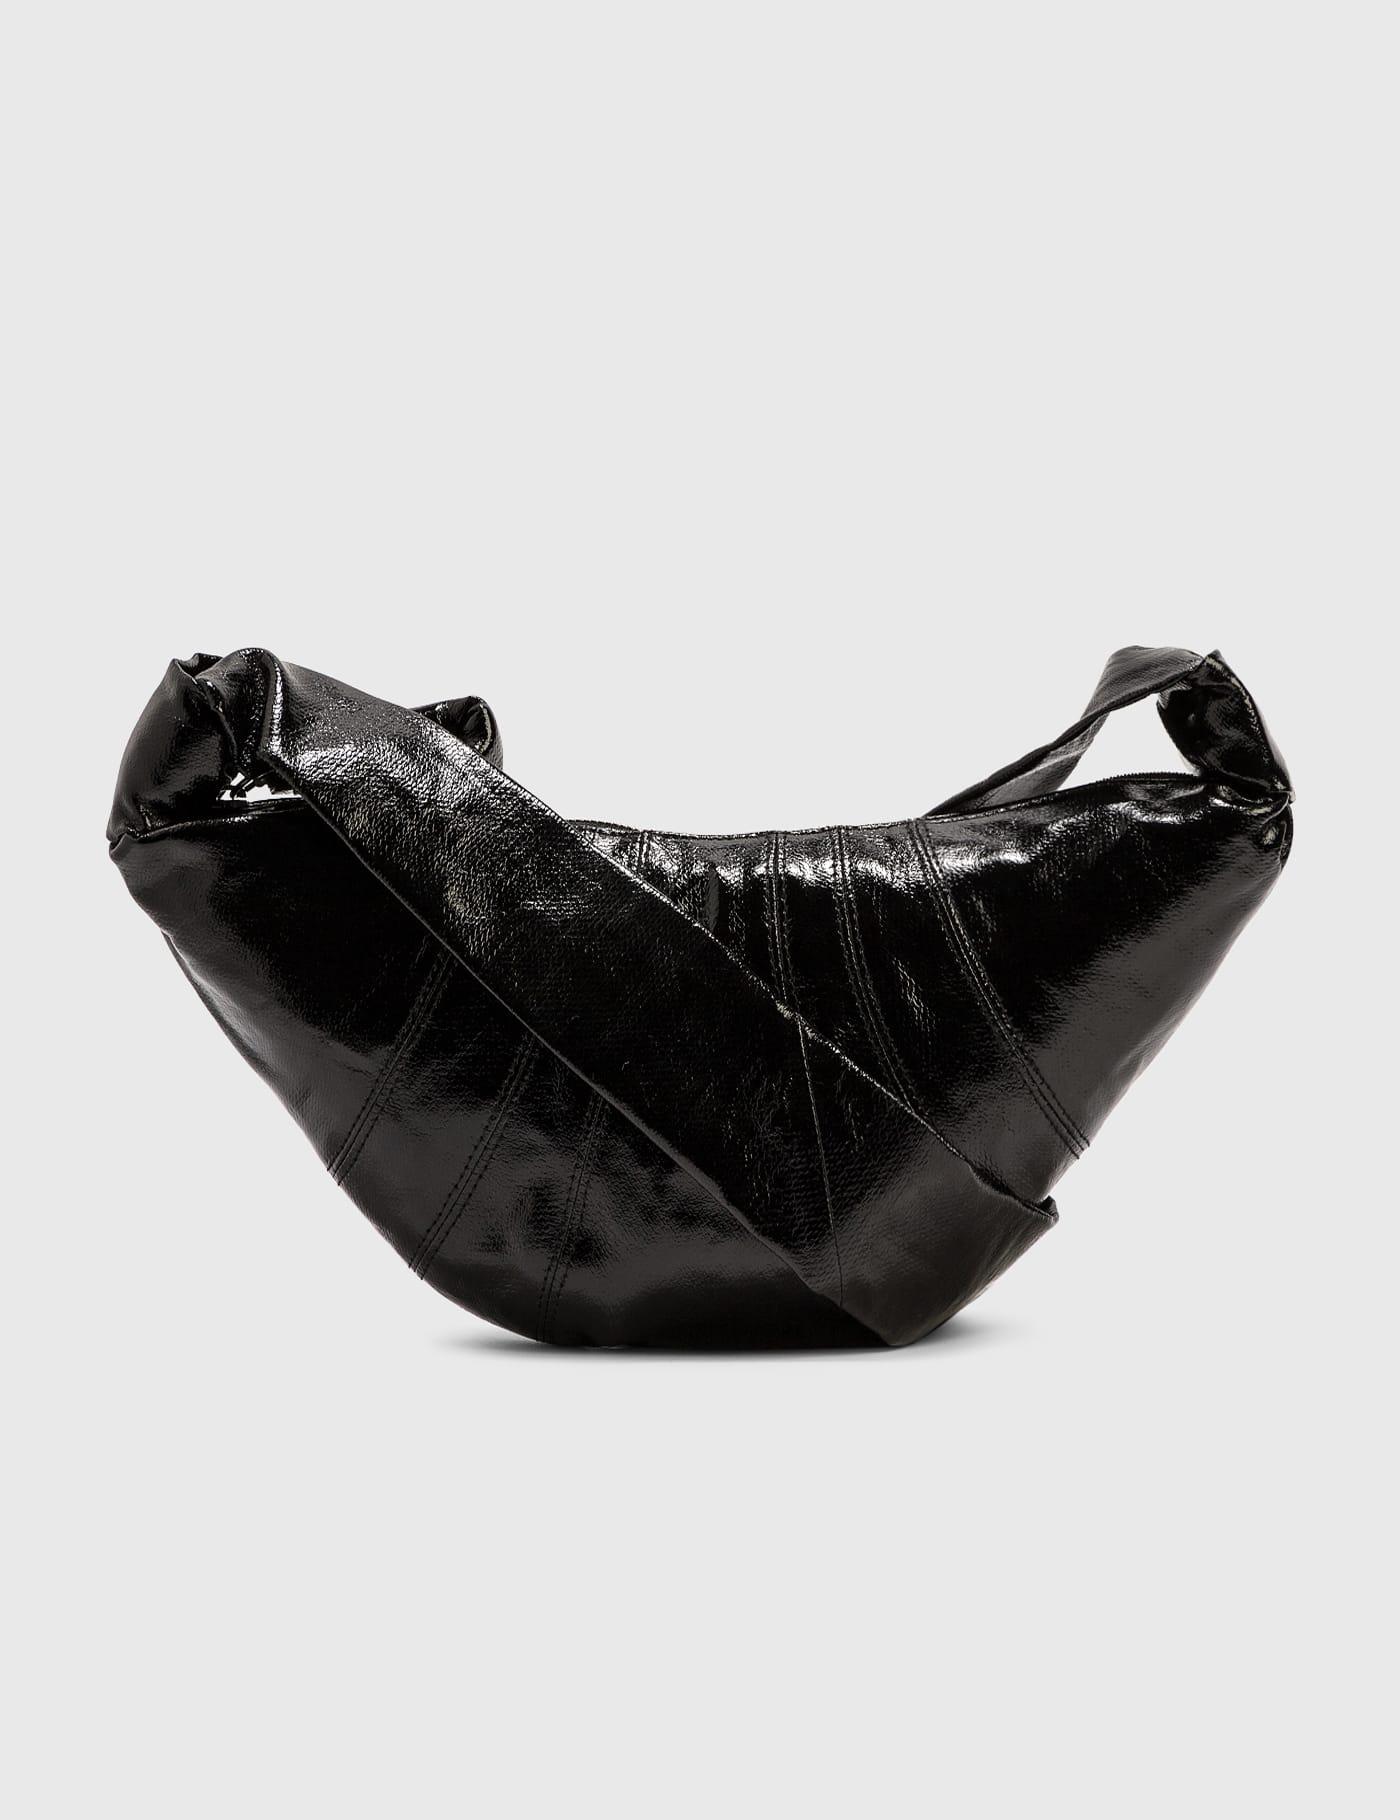 르메르 Lemaire Small Croissant Bag